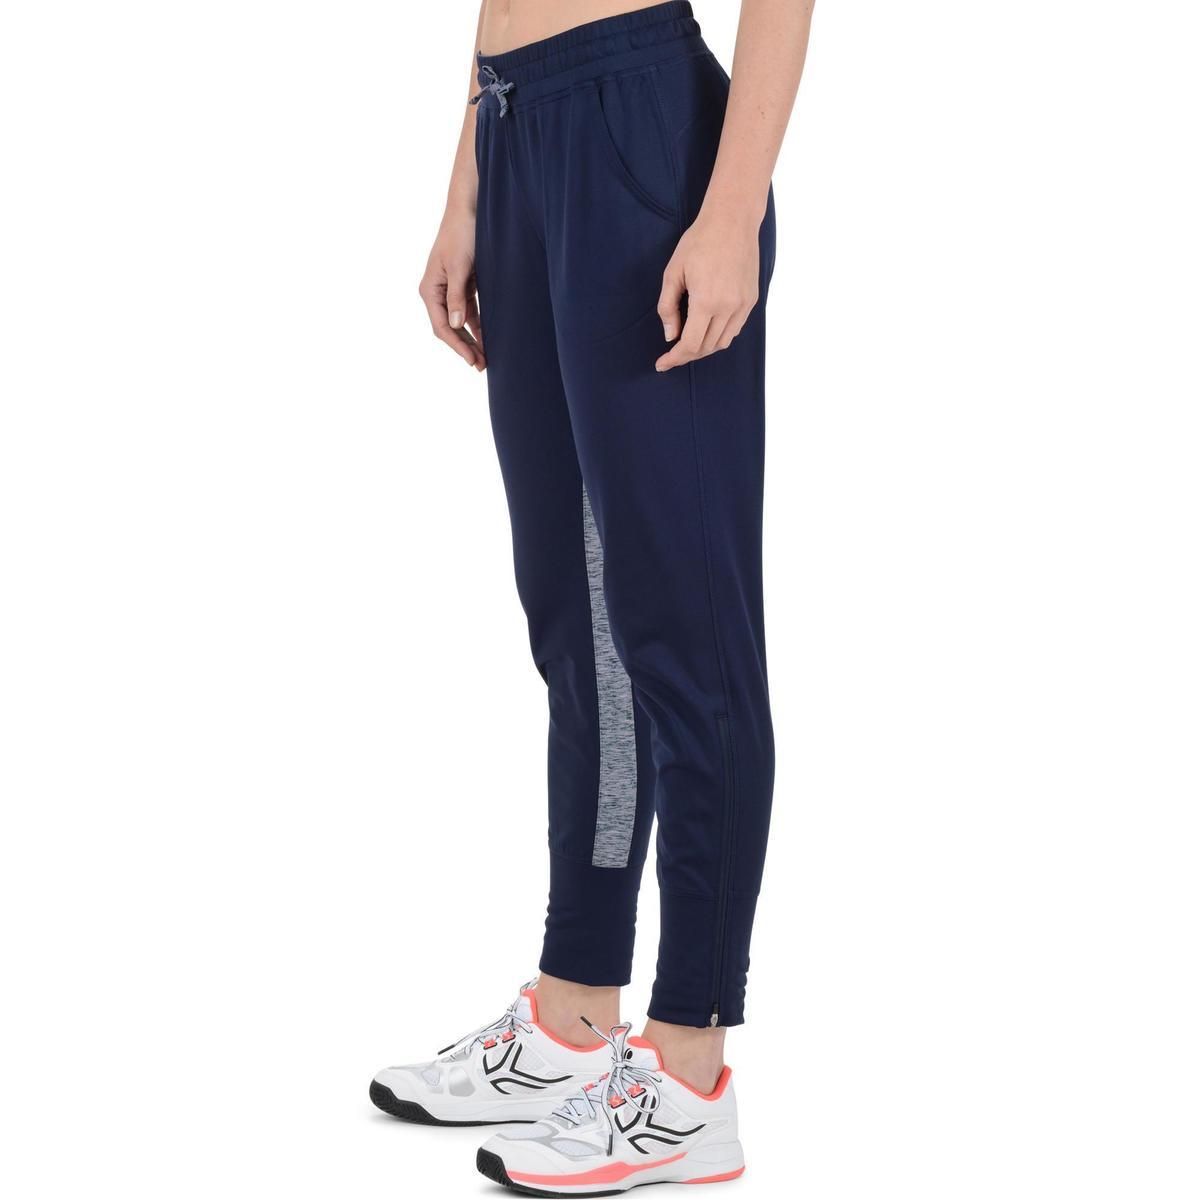 Bild 5 von Tennishose Trainingshose Warm 500 Tennis Damen marineblau